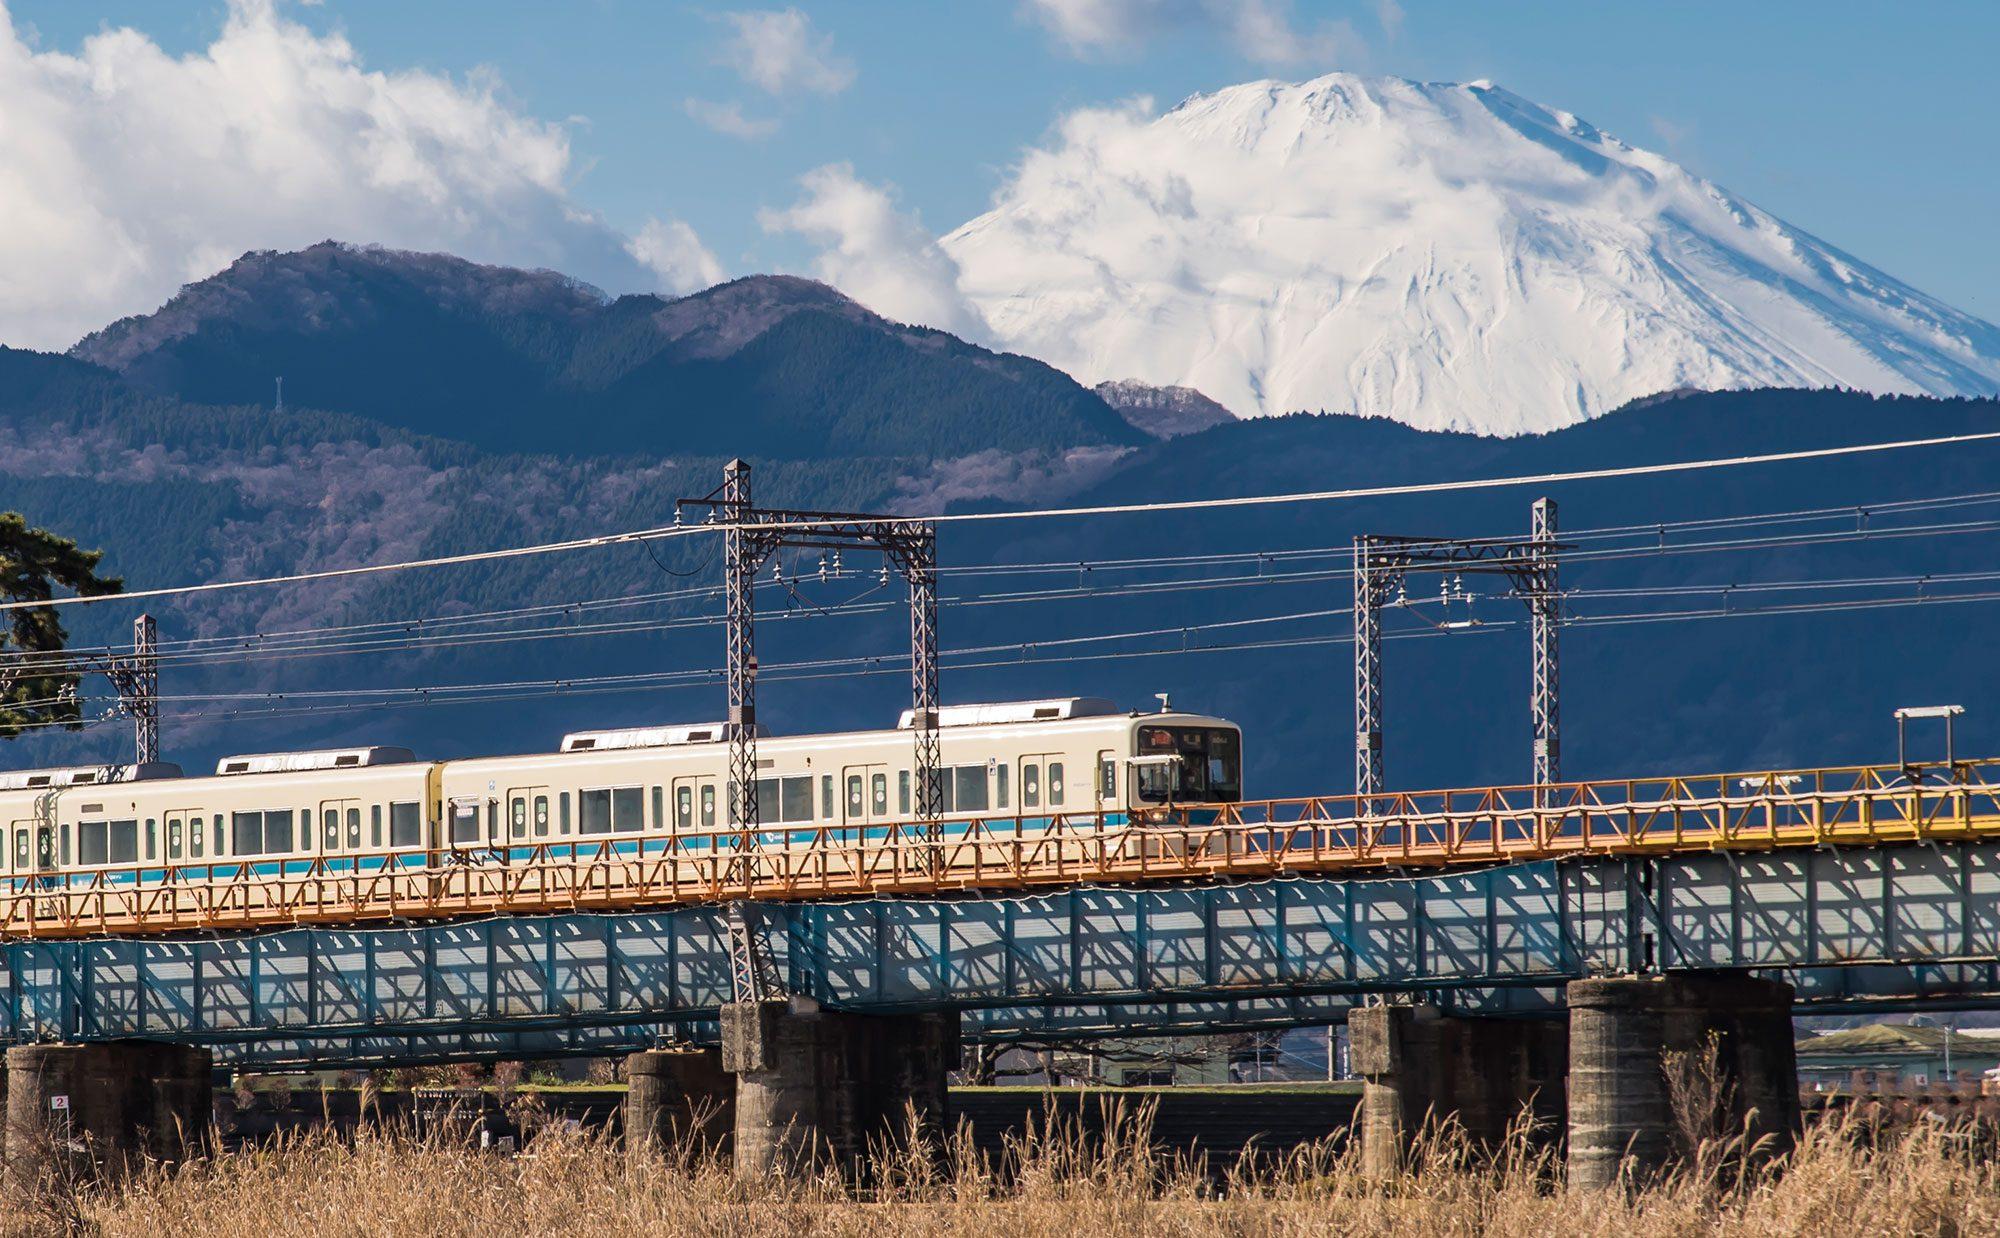 【おすすめ穴場駅編】小田急線沿線で住みたい街は?